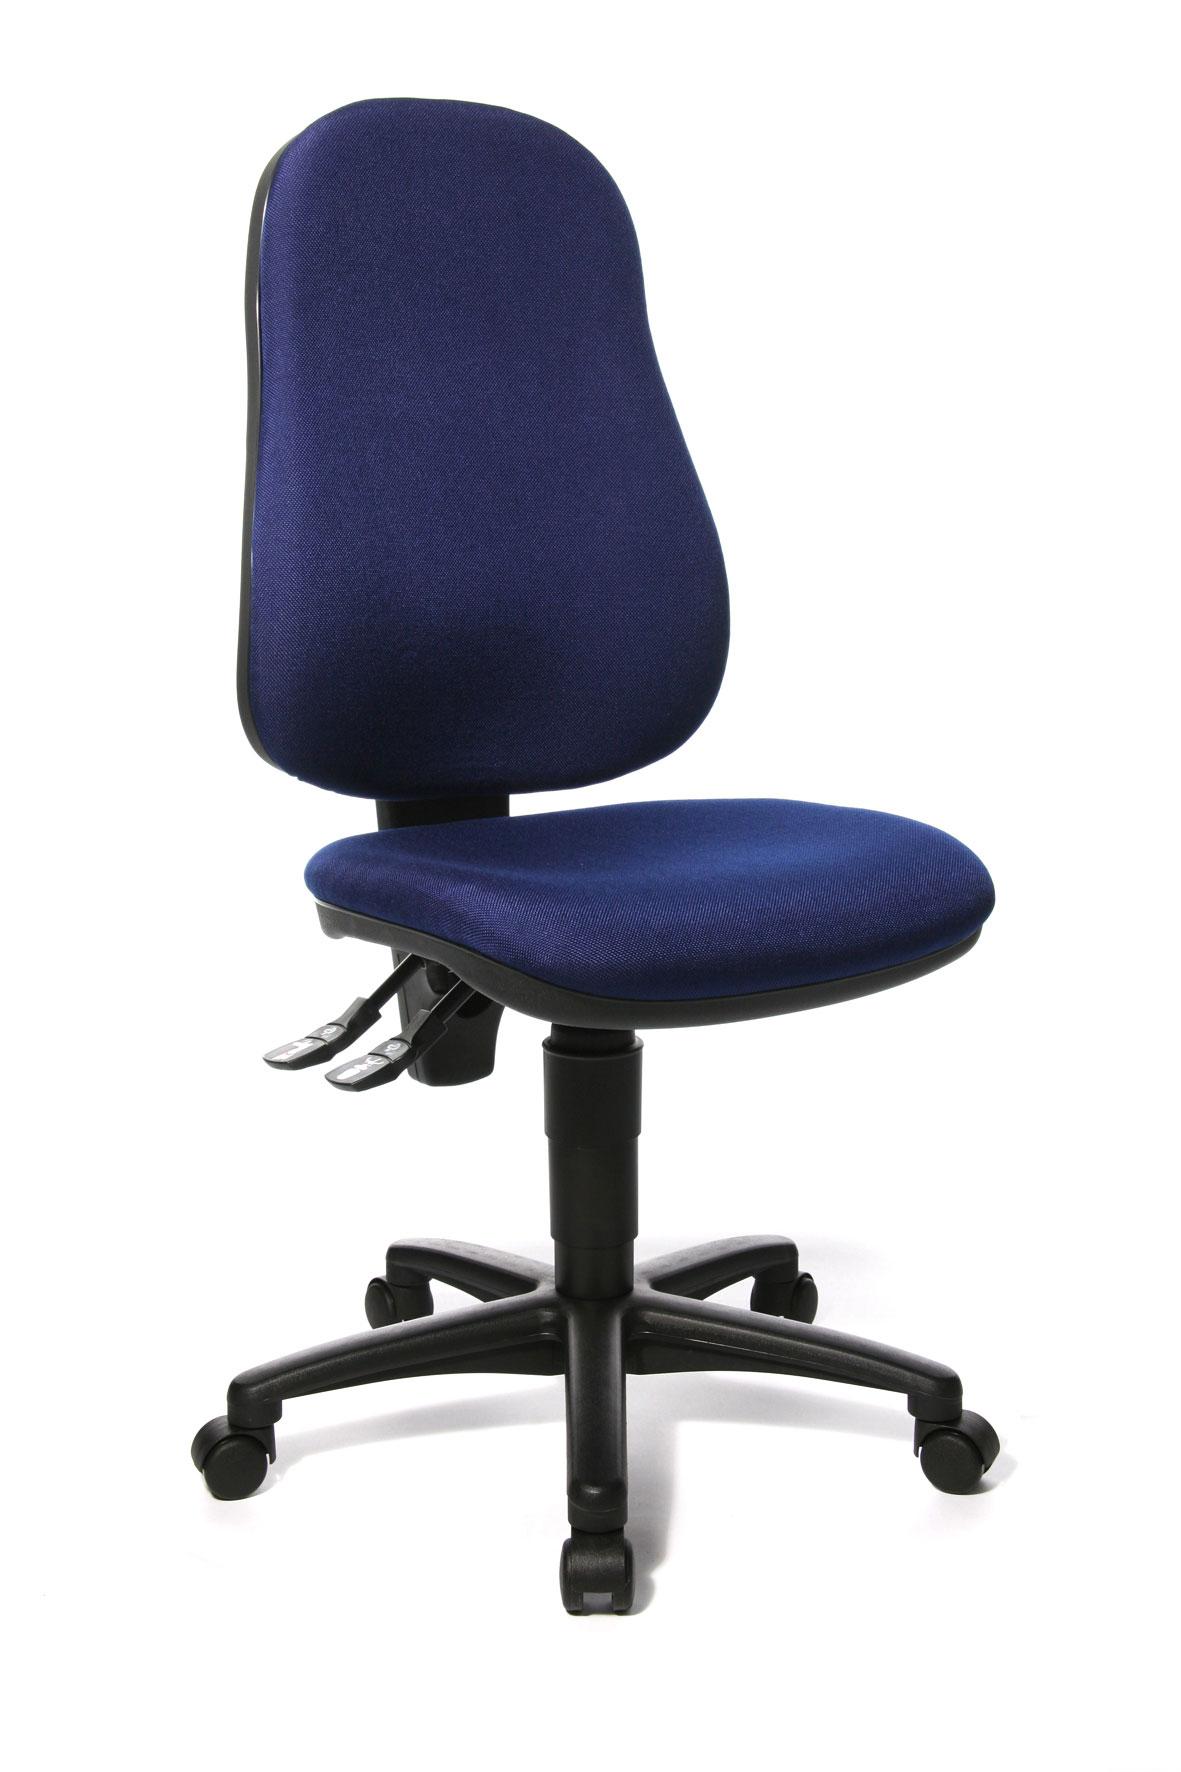 Chaise de bureau contemporaine en tissu bleu Maldive